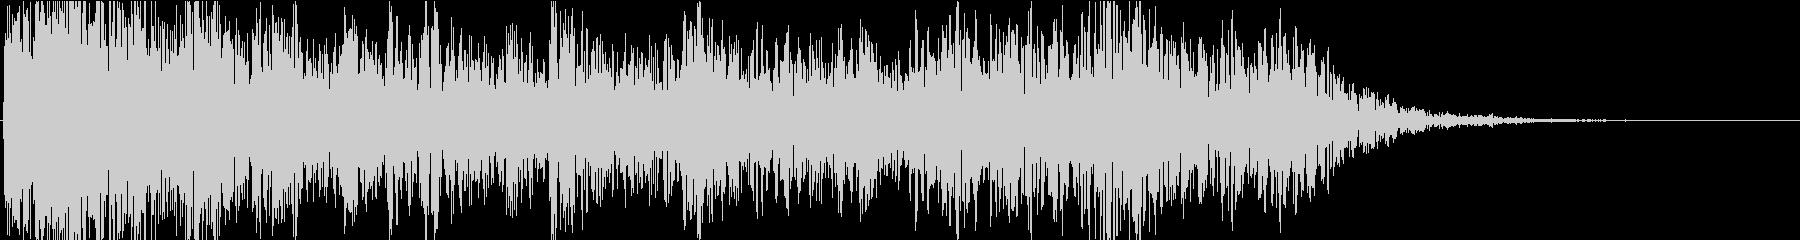 ドーン・ドカーン(雷が轟く音)の未再生の波形